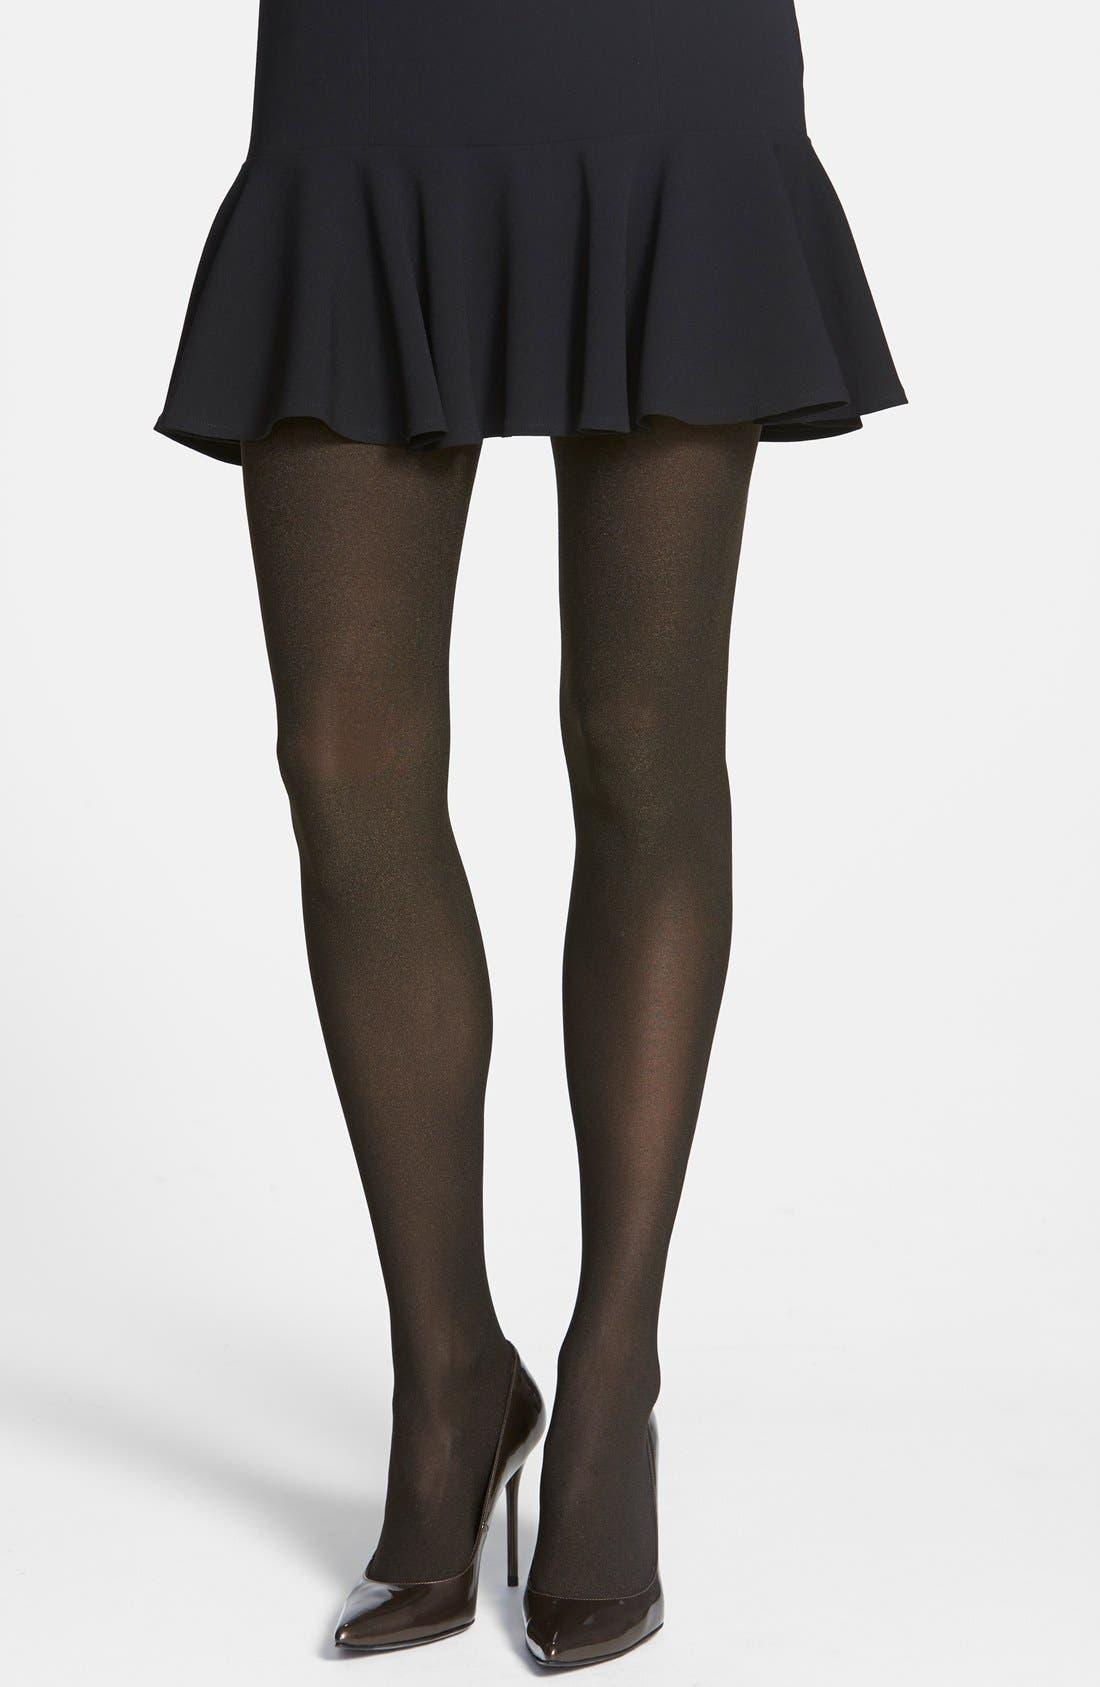 Main Image - Donna Karan 'Blackened Shimmer' Tights